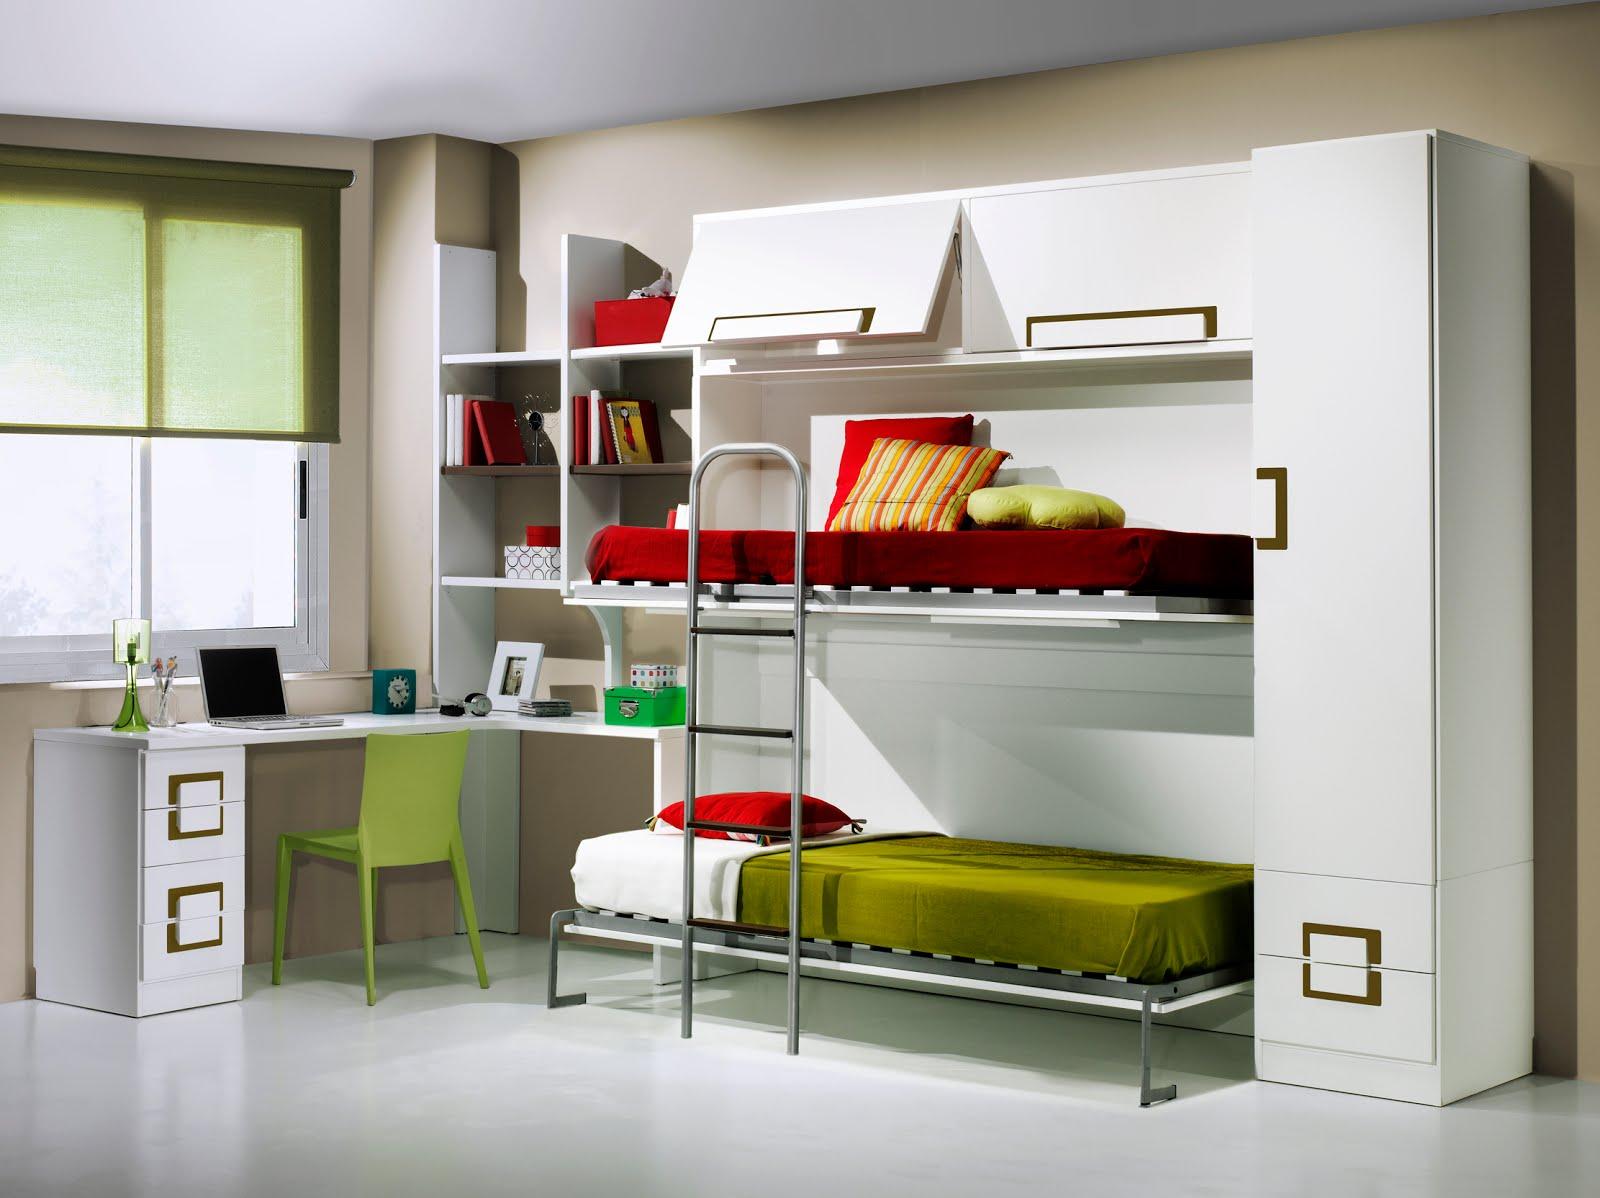 Dormitorios con camas abatibles literas abatibles - Habitaciones juveniles 2 camas ...